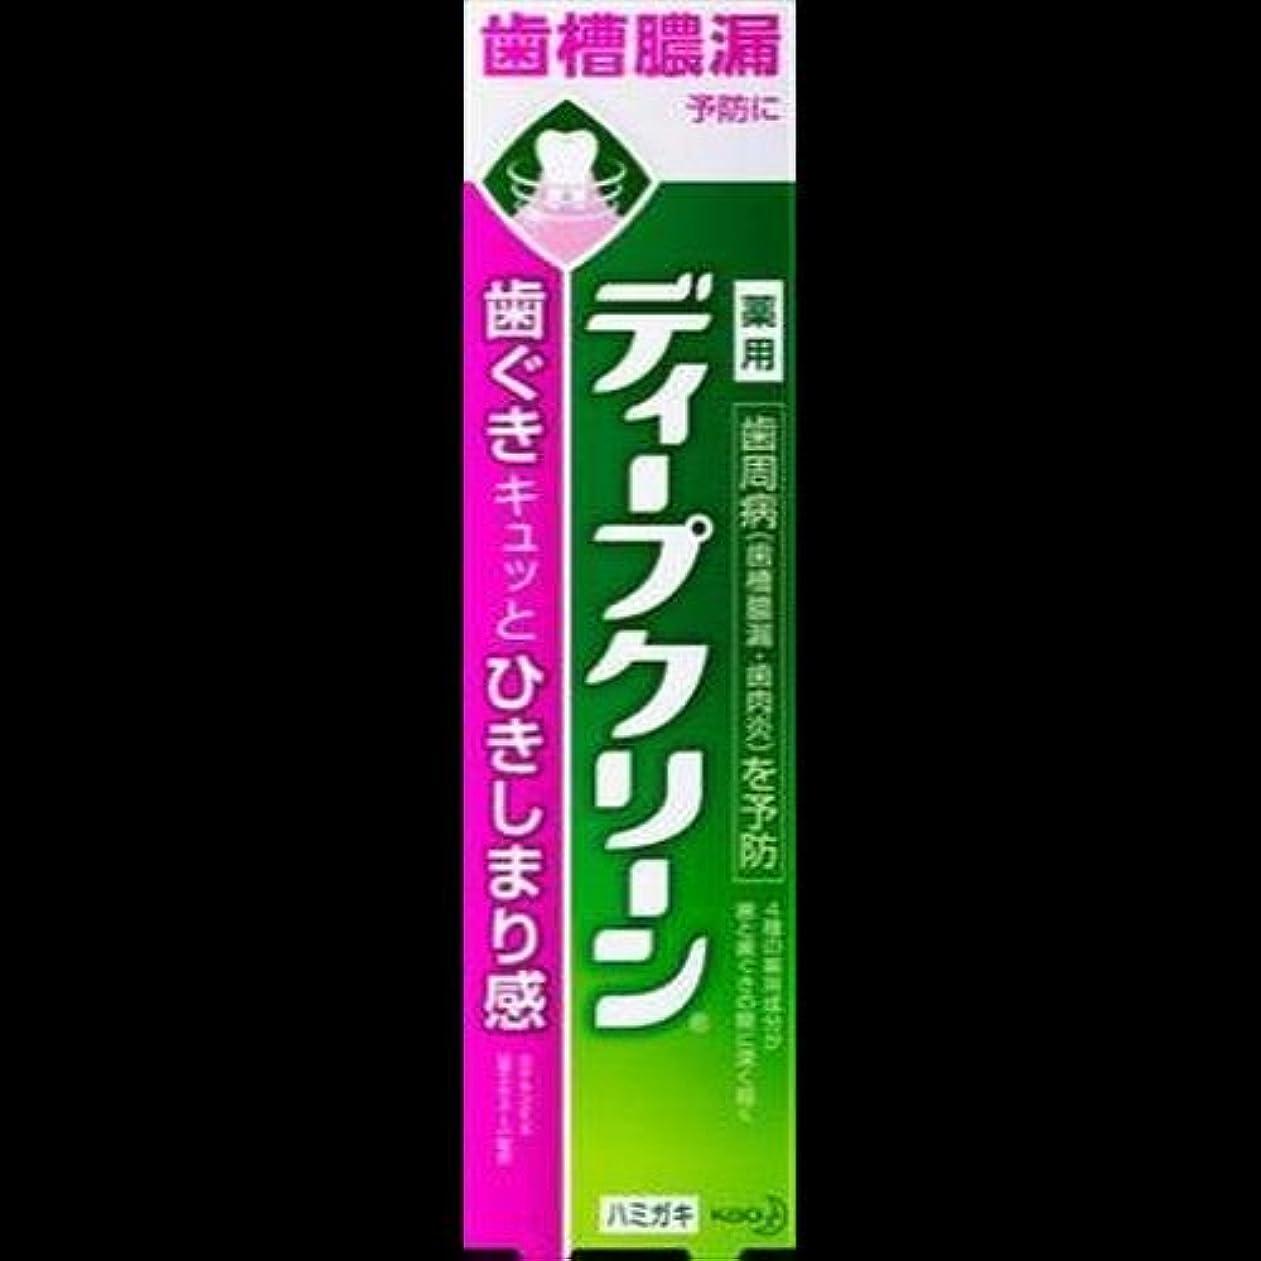 リズム何故なの疼痛【まとめ買い】ディープクリーン 薬用ハミガキ 100g ×2セット